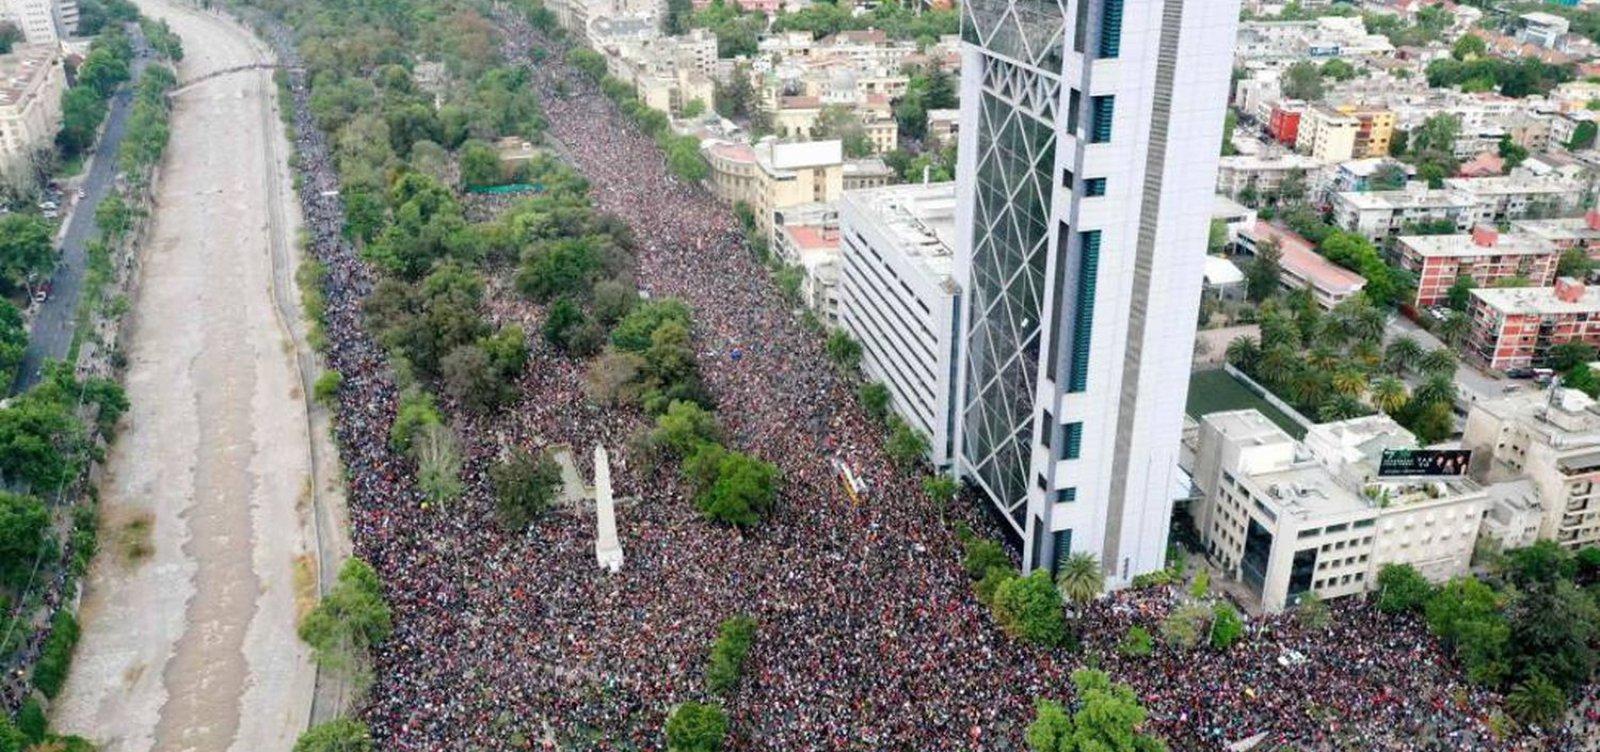 Em oitavo dia de protestos, mais de 1,2 milhão de pessoas se reúnem em marcha no Chile